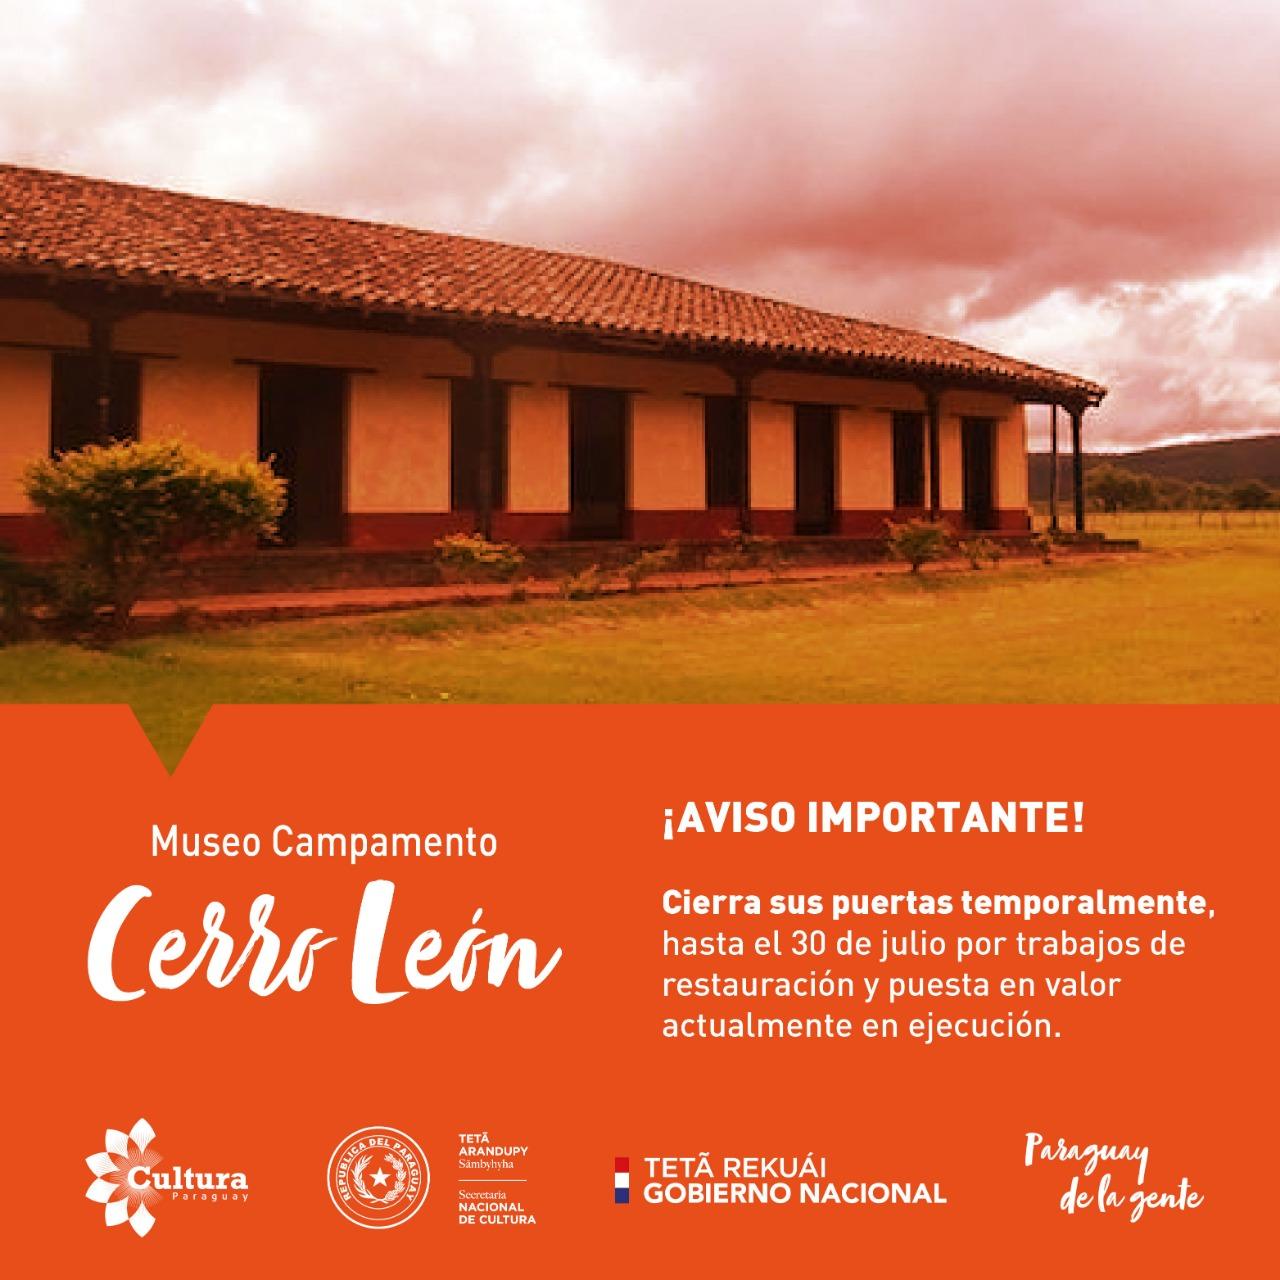 Museo Campamento Cerro León permanecerá cerrado hasta el 30 de julio imagen